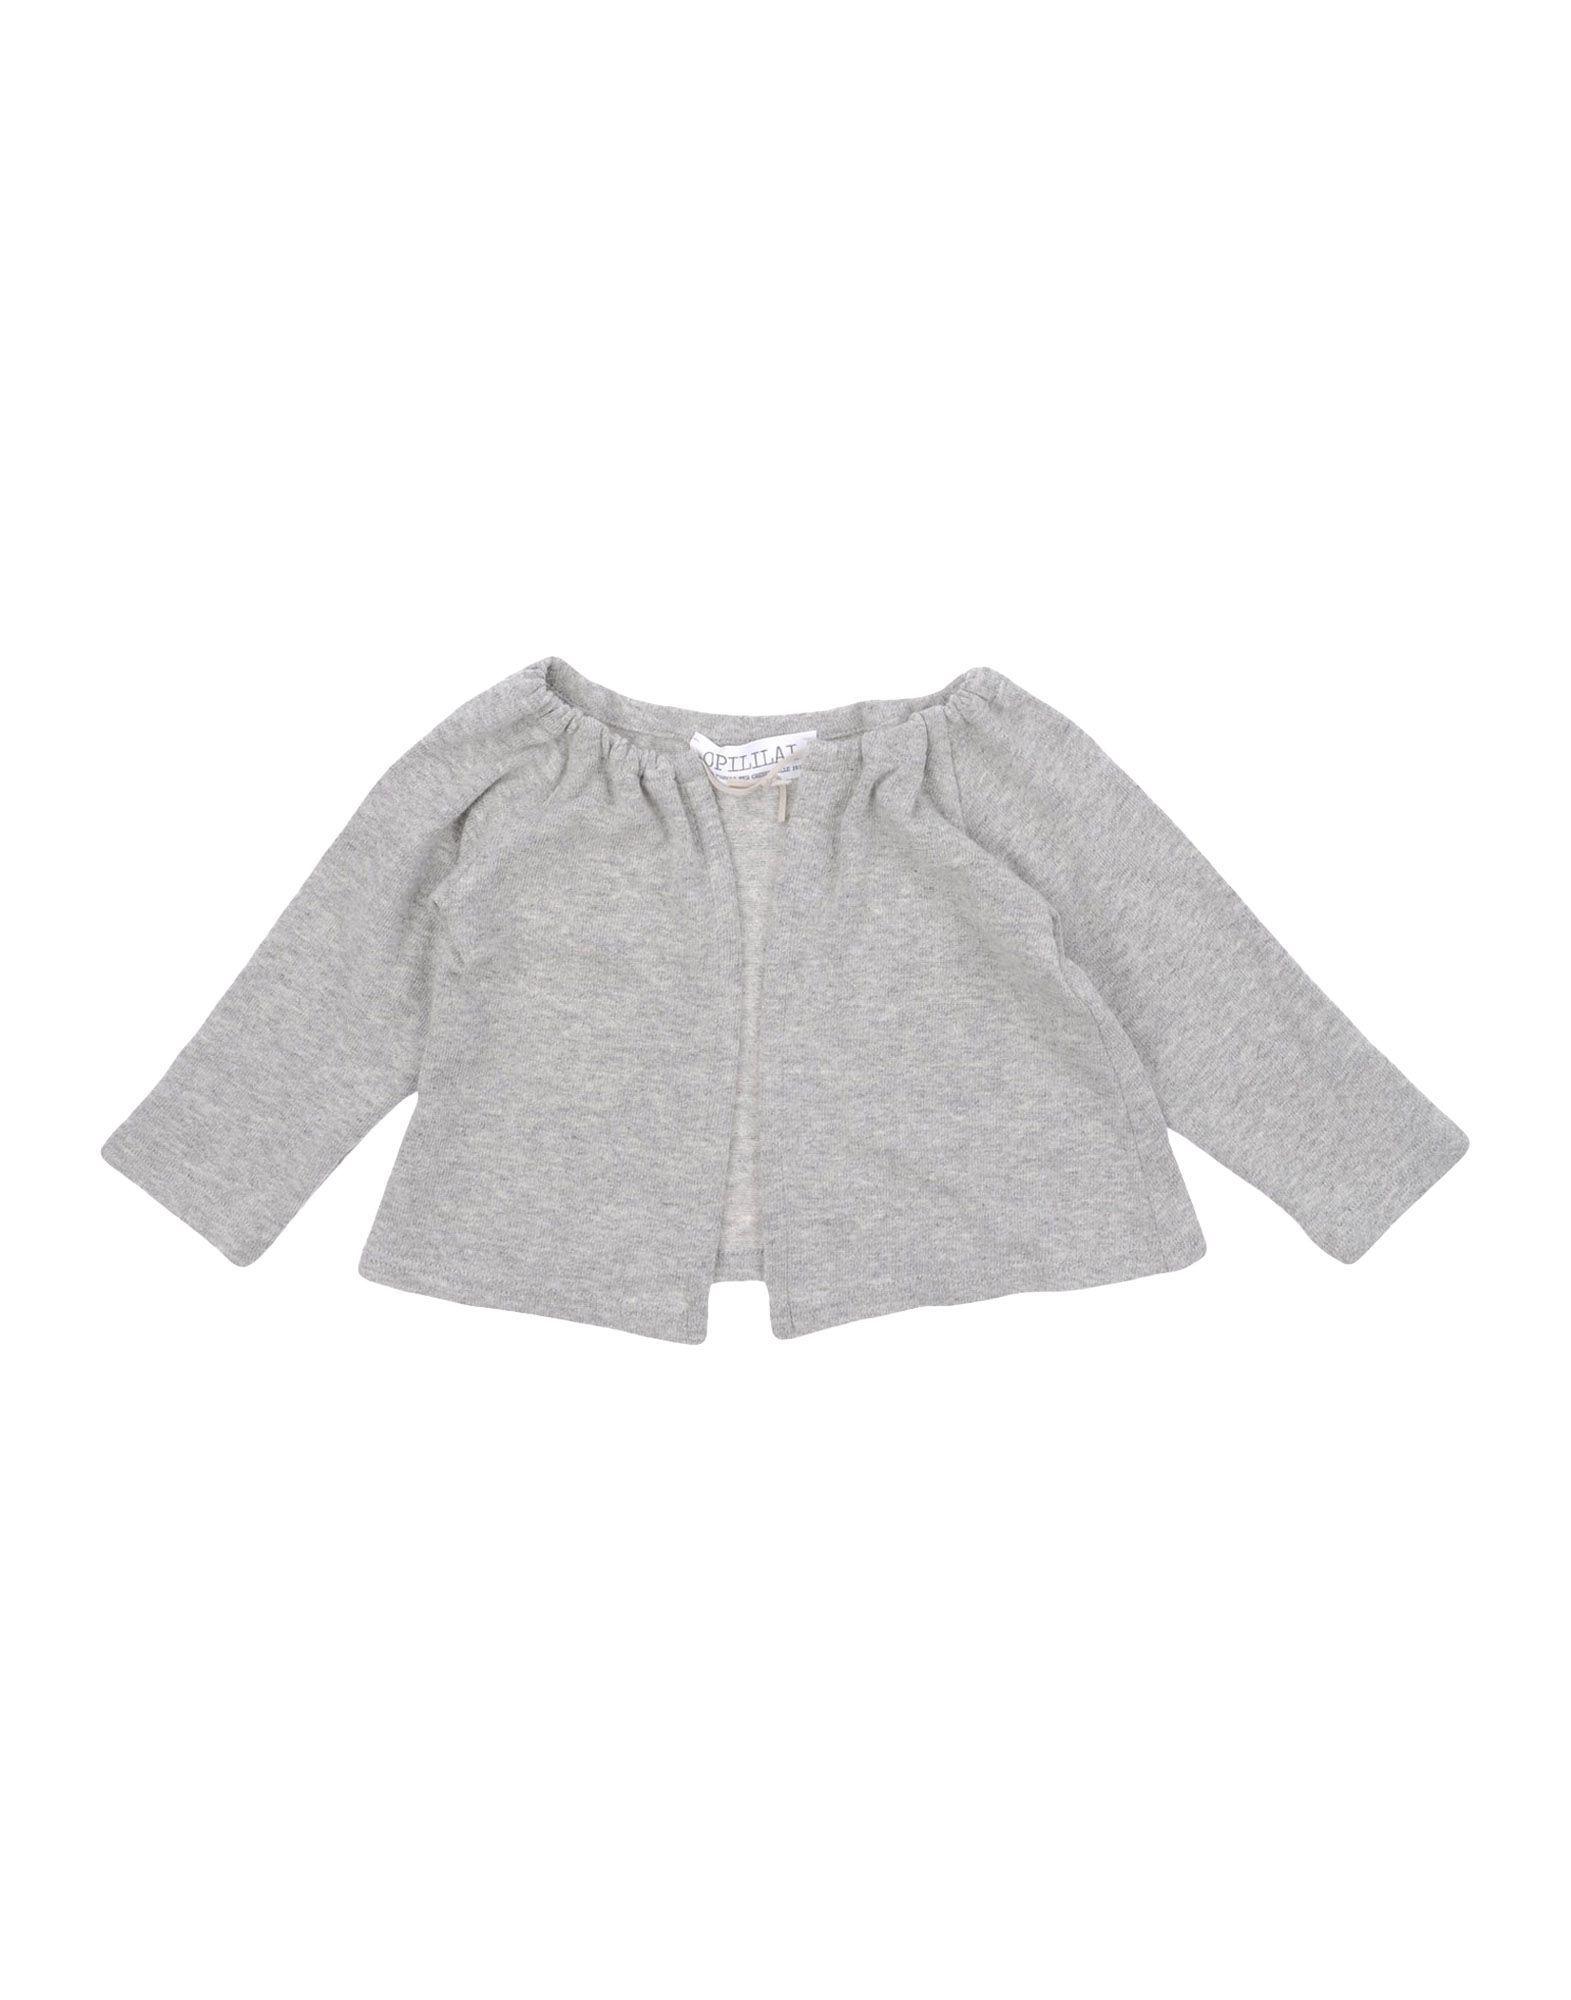 KNITWEAR Opililai Grey Girl Cotton